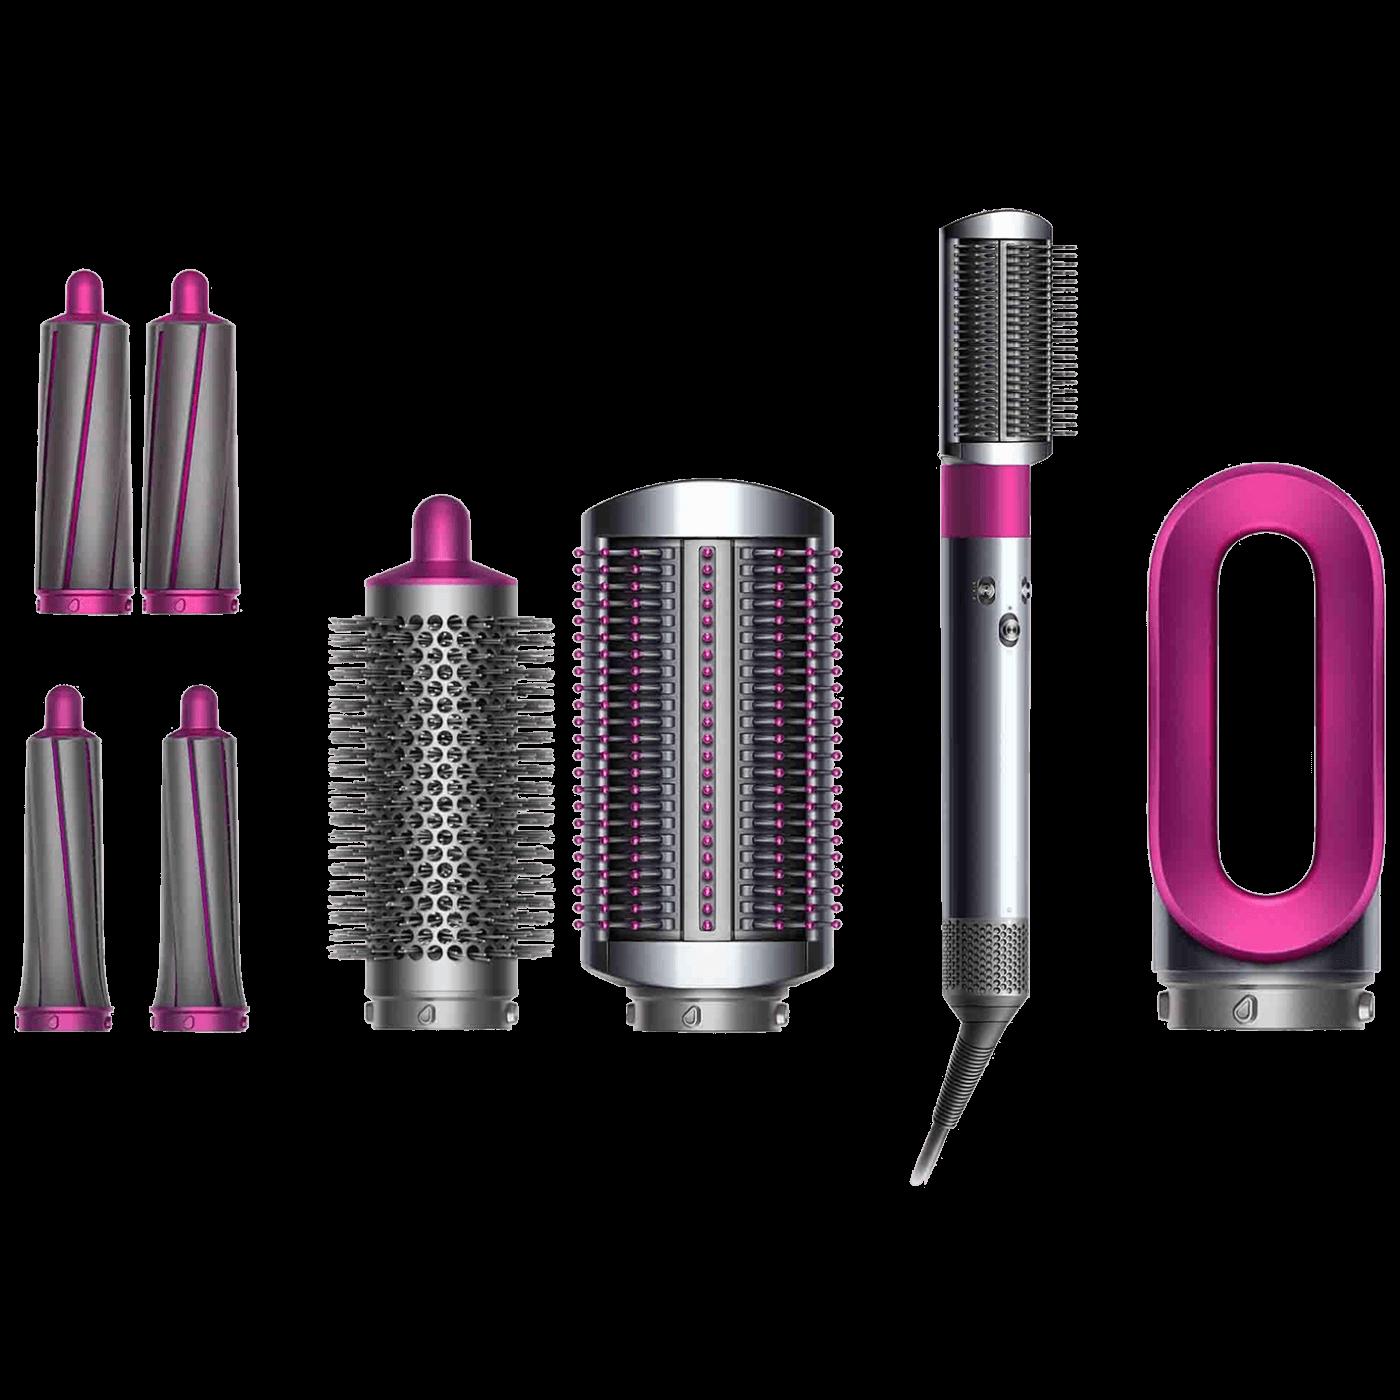 Uvijač za kosu, 1300 W, kovrče, valovi, ravnanje, sušenje